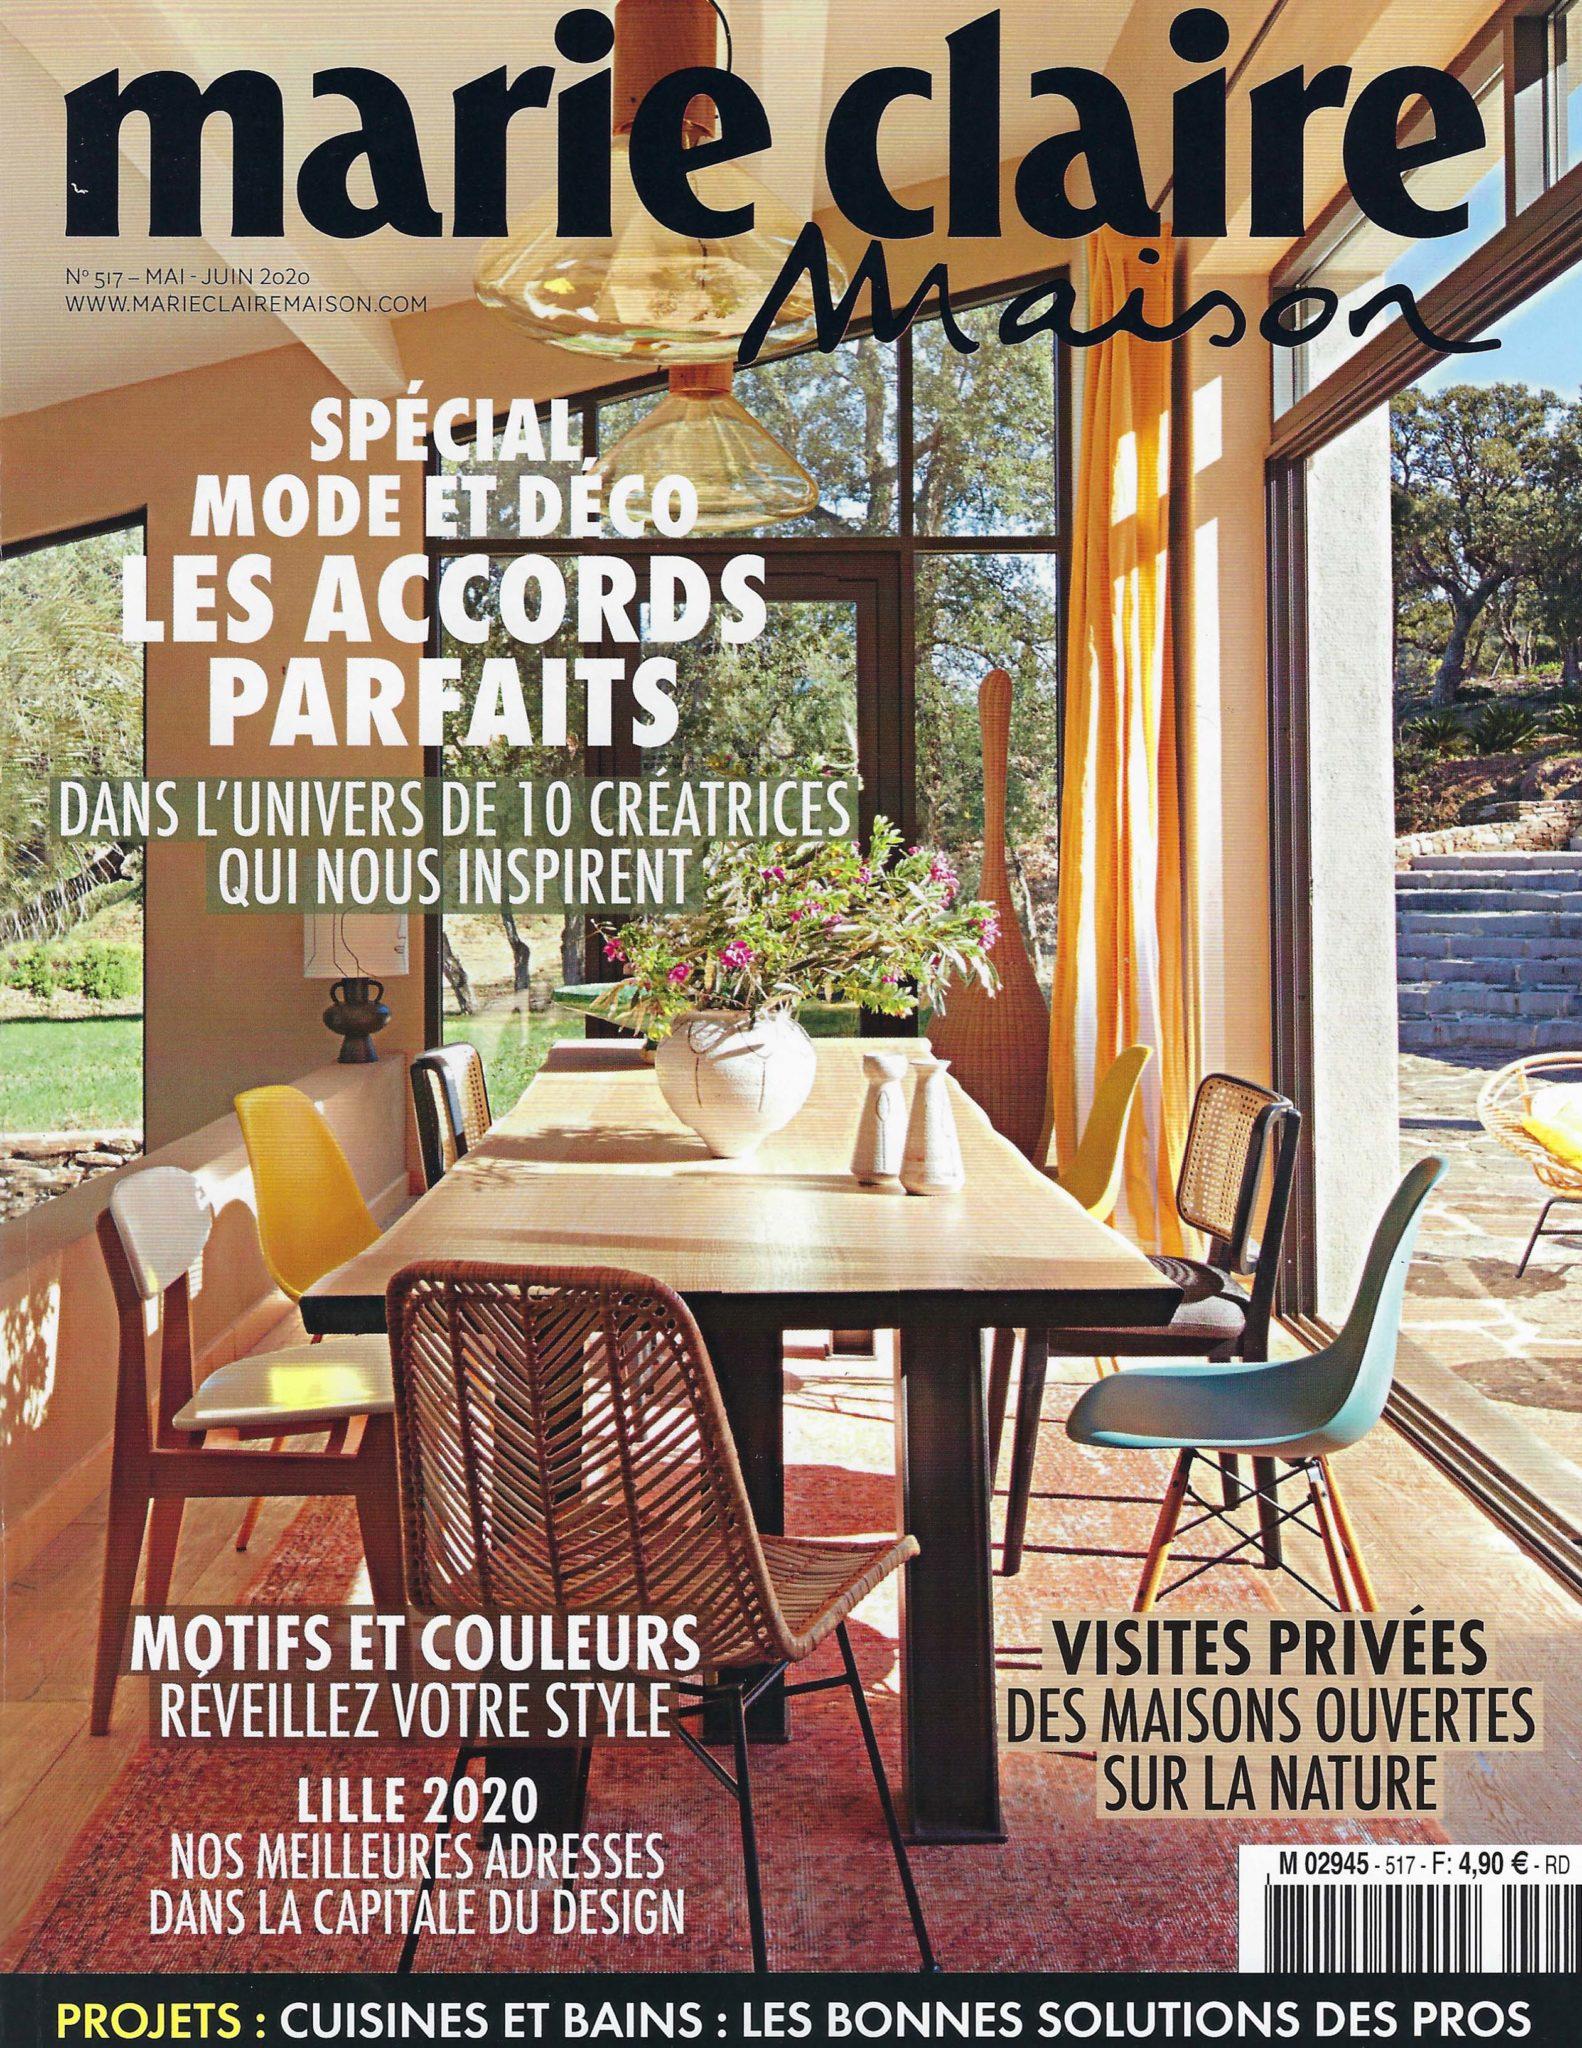 Parution presse magazine Marie -Claire Maison mai juin 2020 – Influences et tendances déco 2020 - art mural création Anne de La Forge